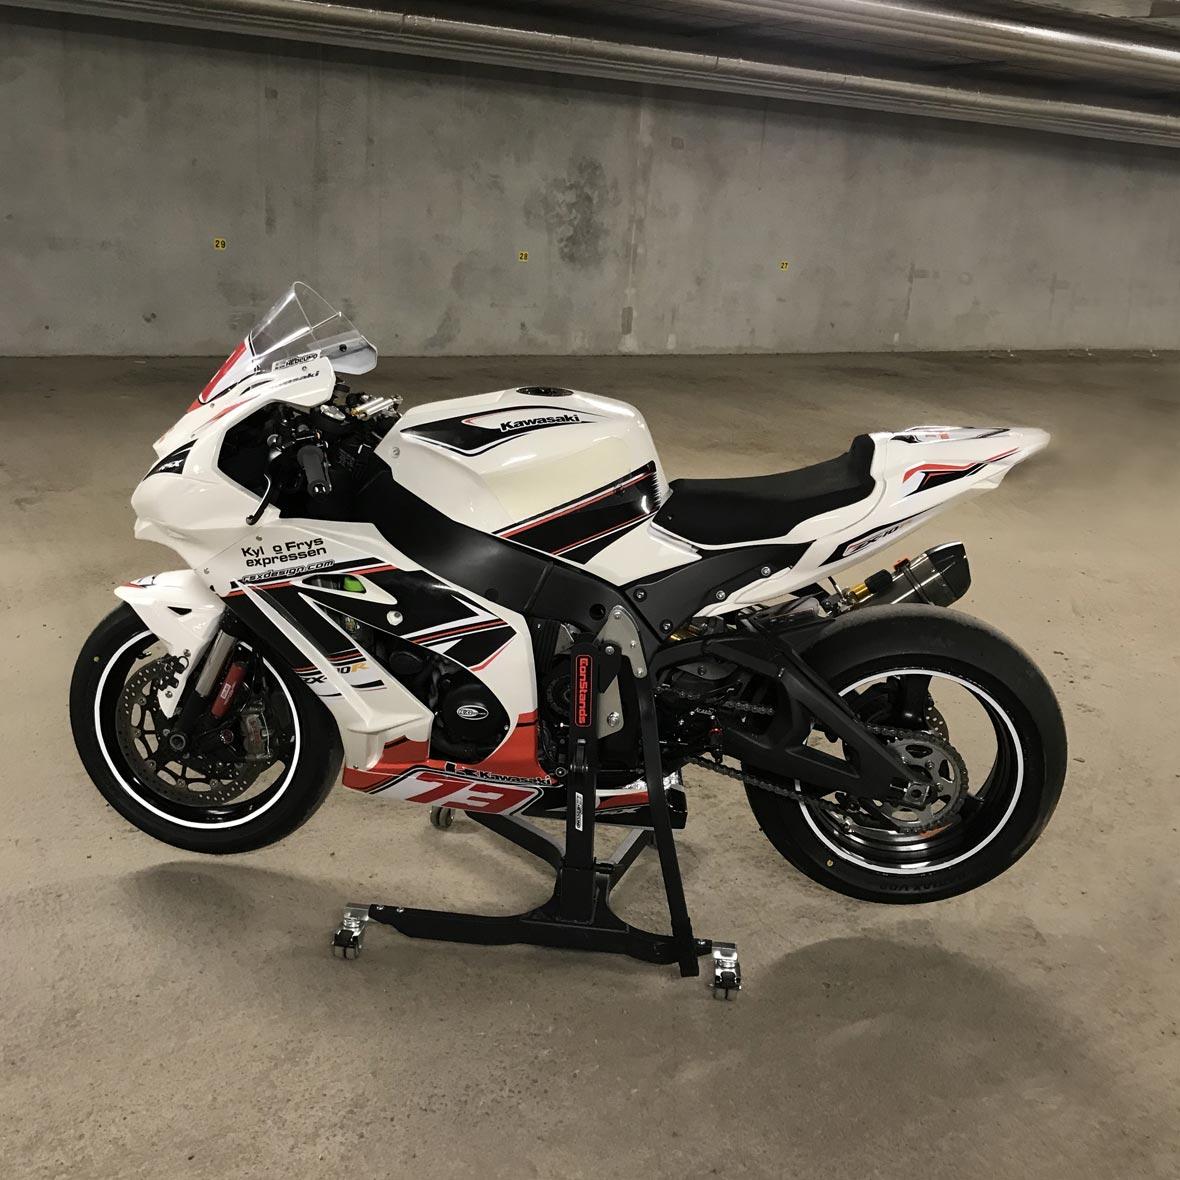 Kawasaki ZX10R - Team mc4fun - Lasse Hedlund